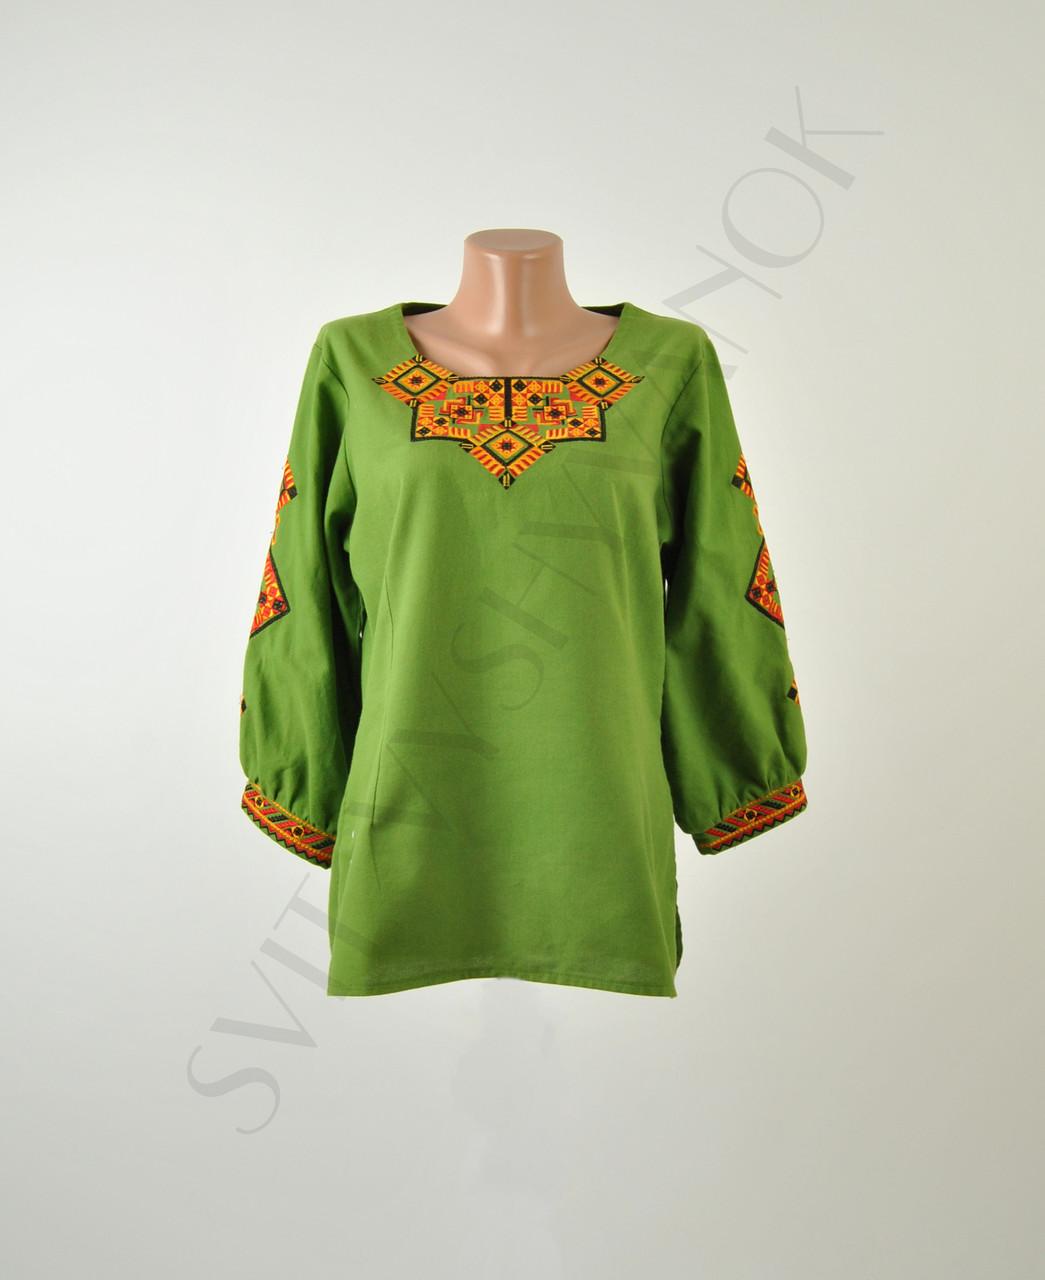 Жіноча вишиванка зеленого кольору з машинною вишивкою недорого